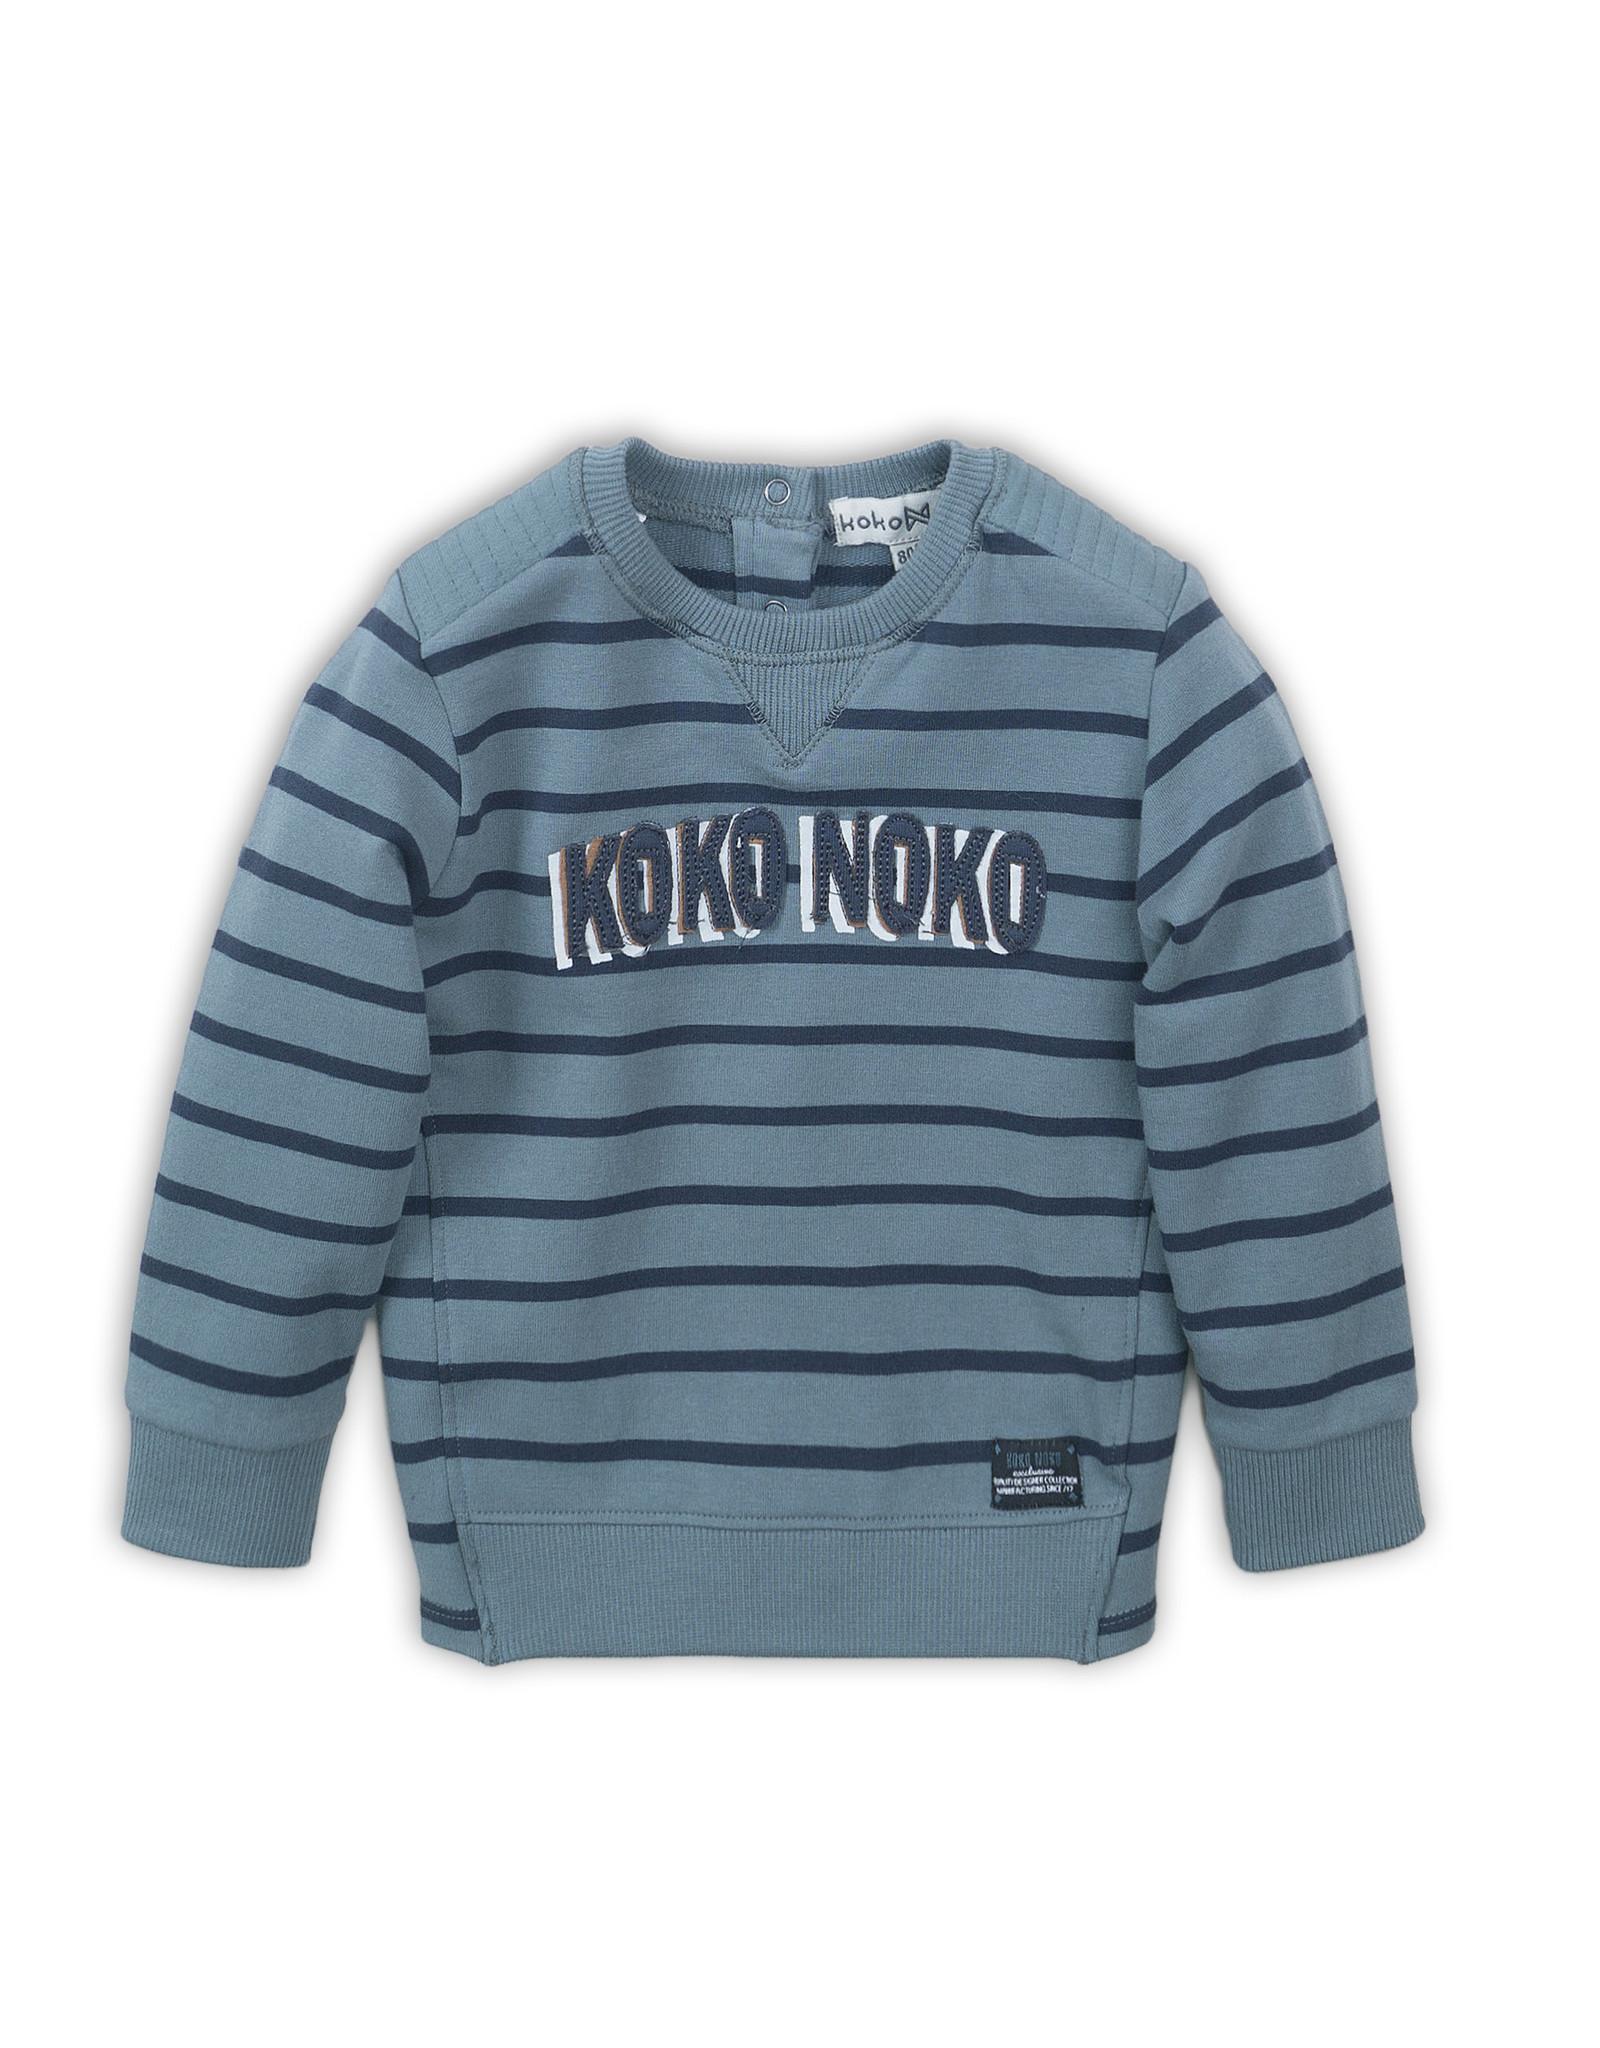 Koko Noko Koko Noko jongens gestreepte sweater met logo Teal Green